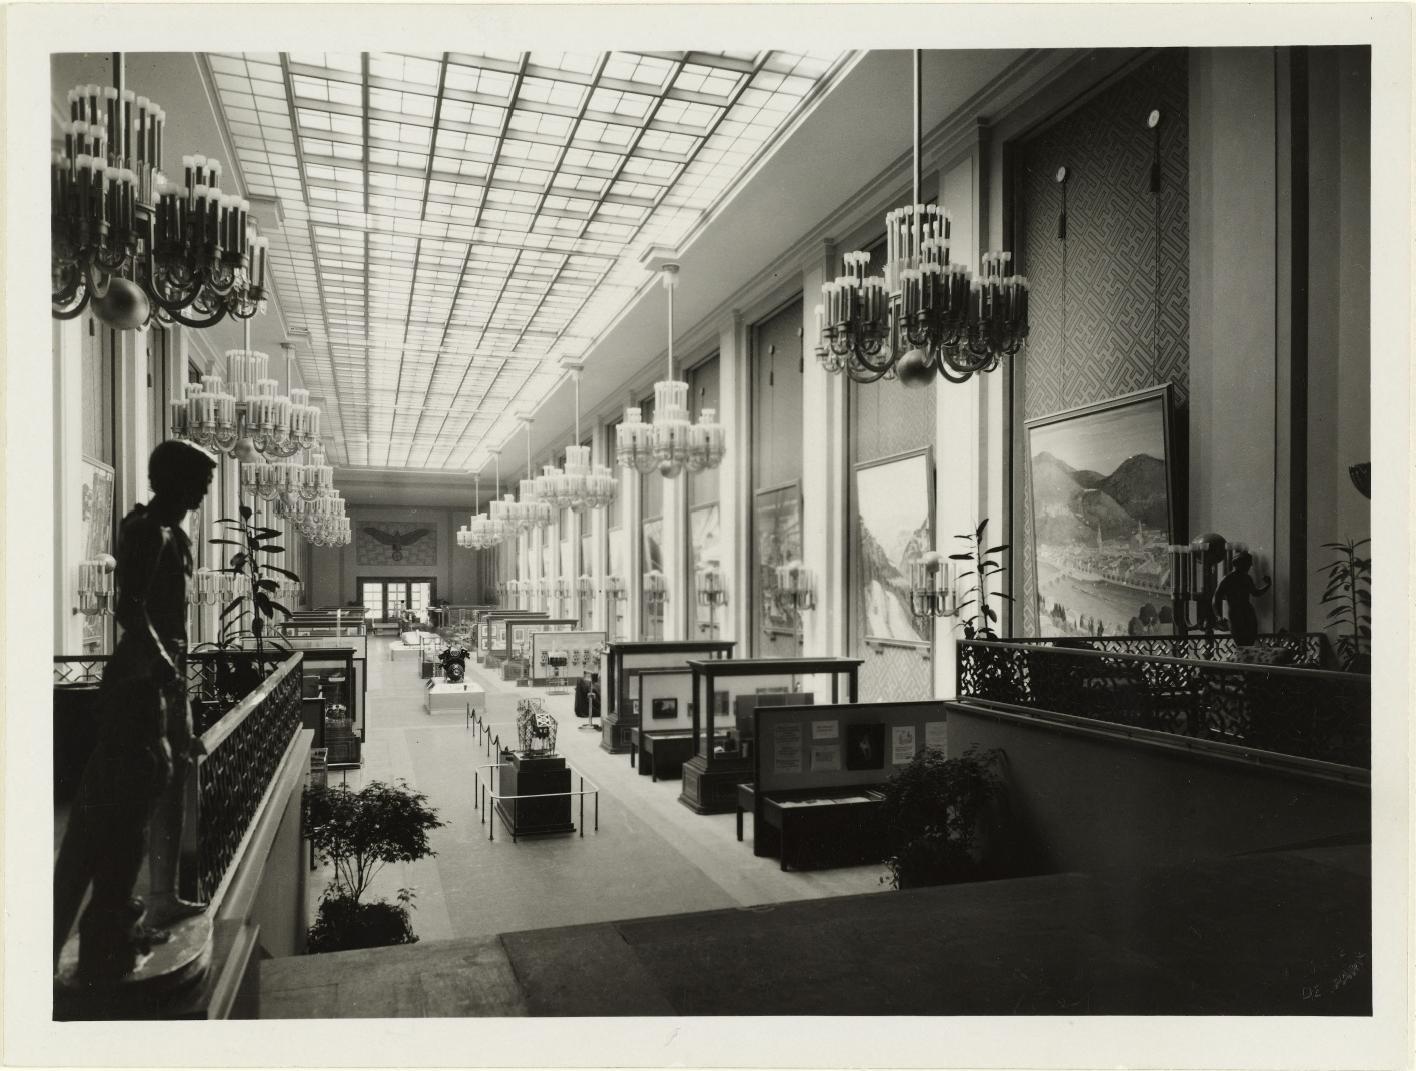 Выставочный зал, интерьер работы дизайнера Вольдемара Бринкманна